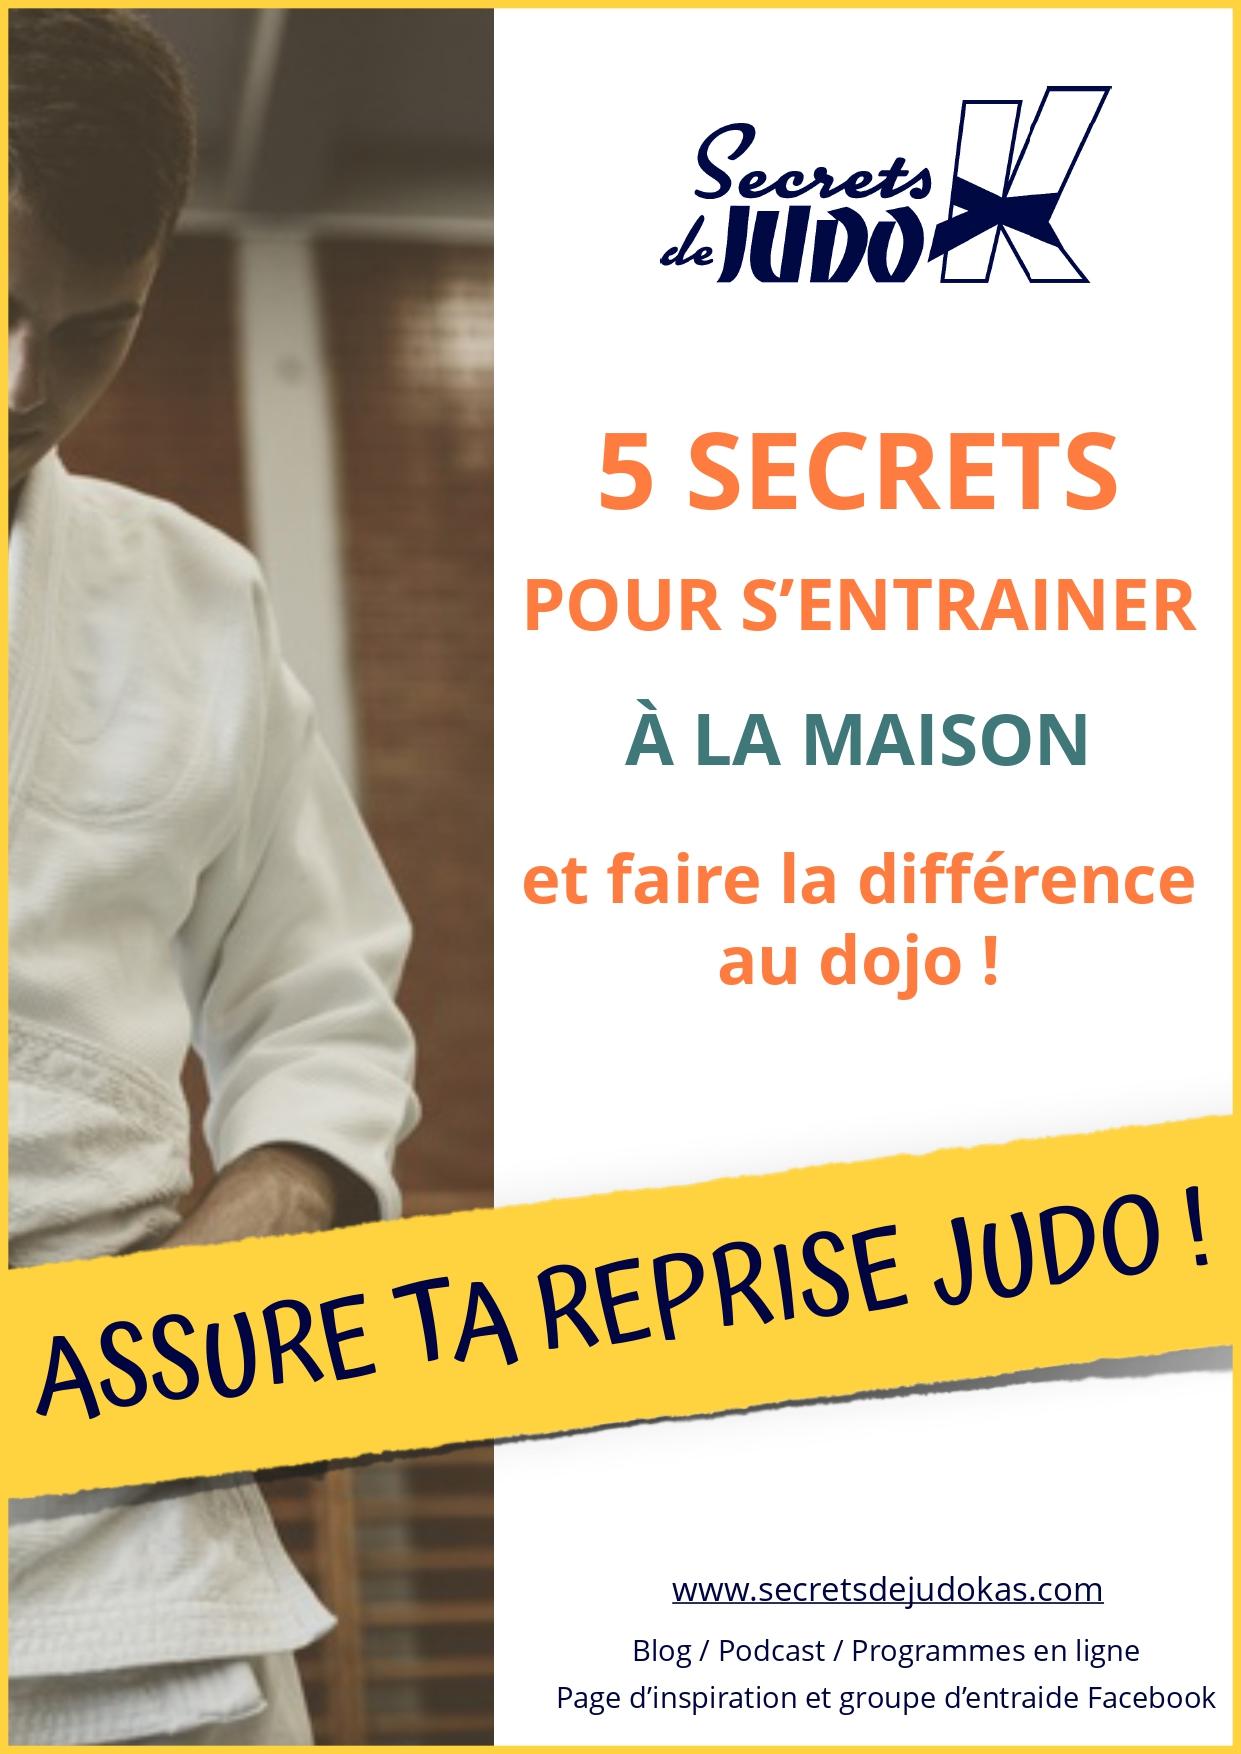 Couverture du pdf offert 5 secrets pour s'entrainer à la maison et faire la différence au dojo, assure ta reprise judo !